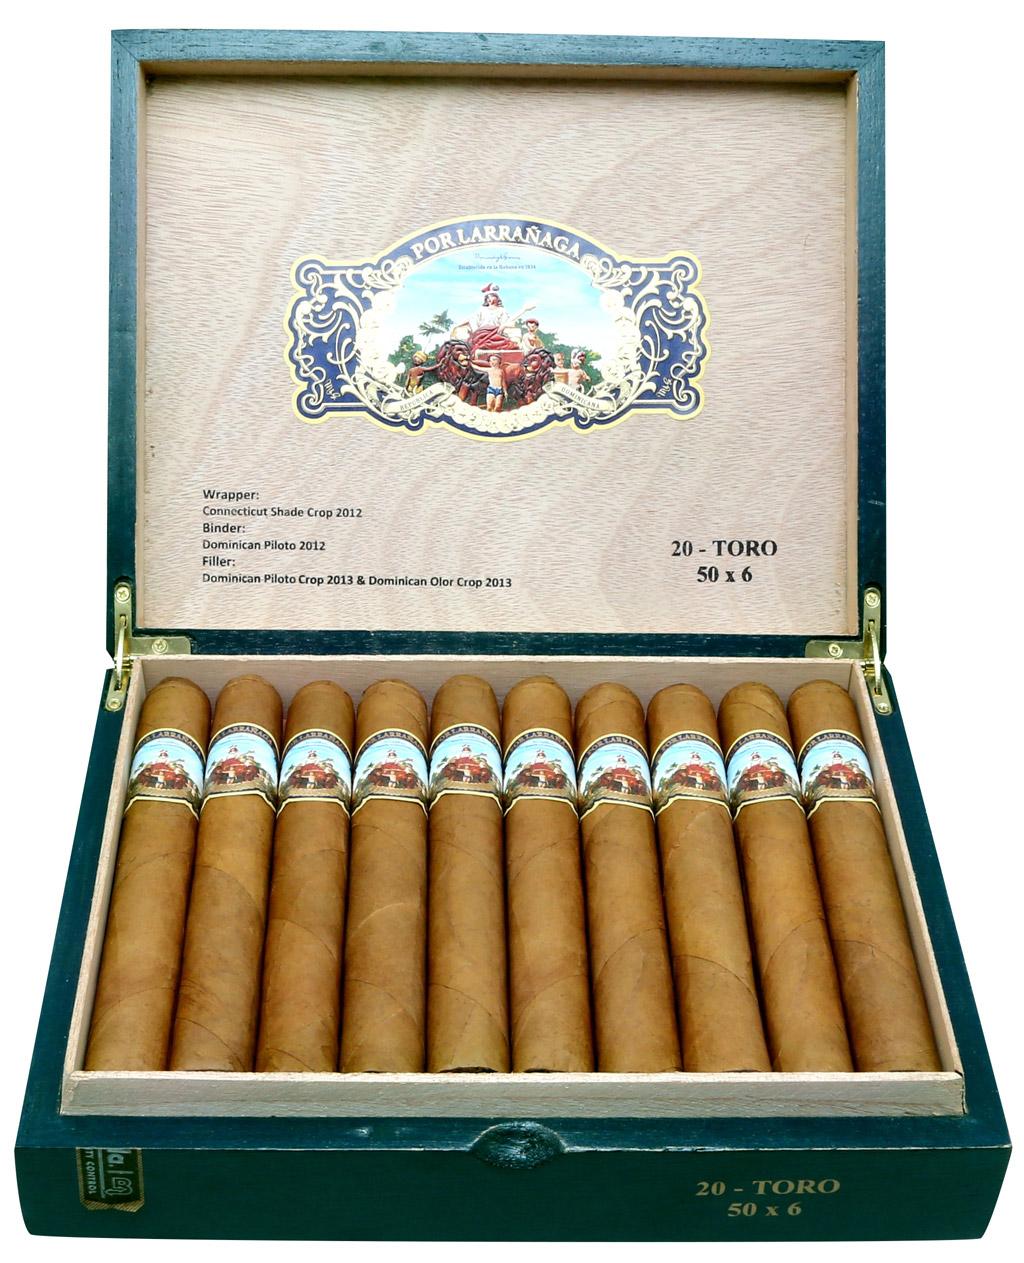 por-larranaga-2016-cigar-box-open